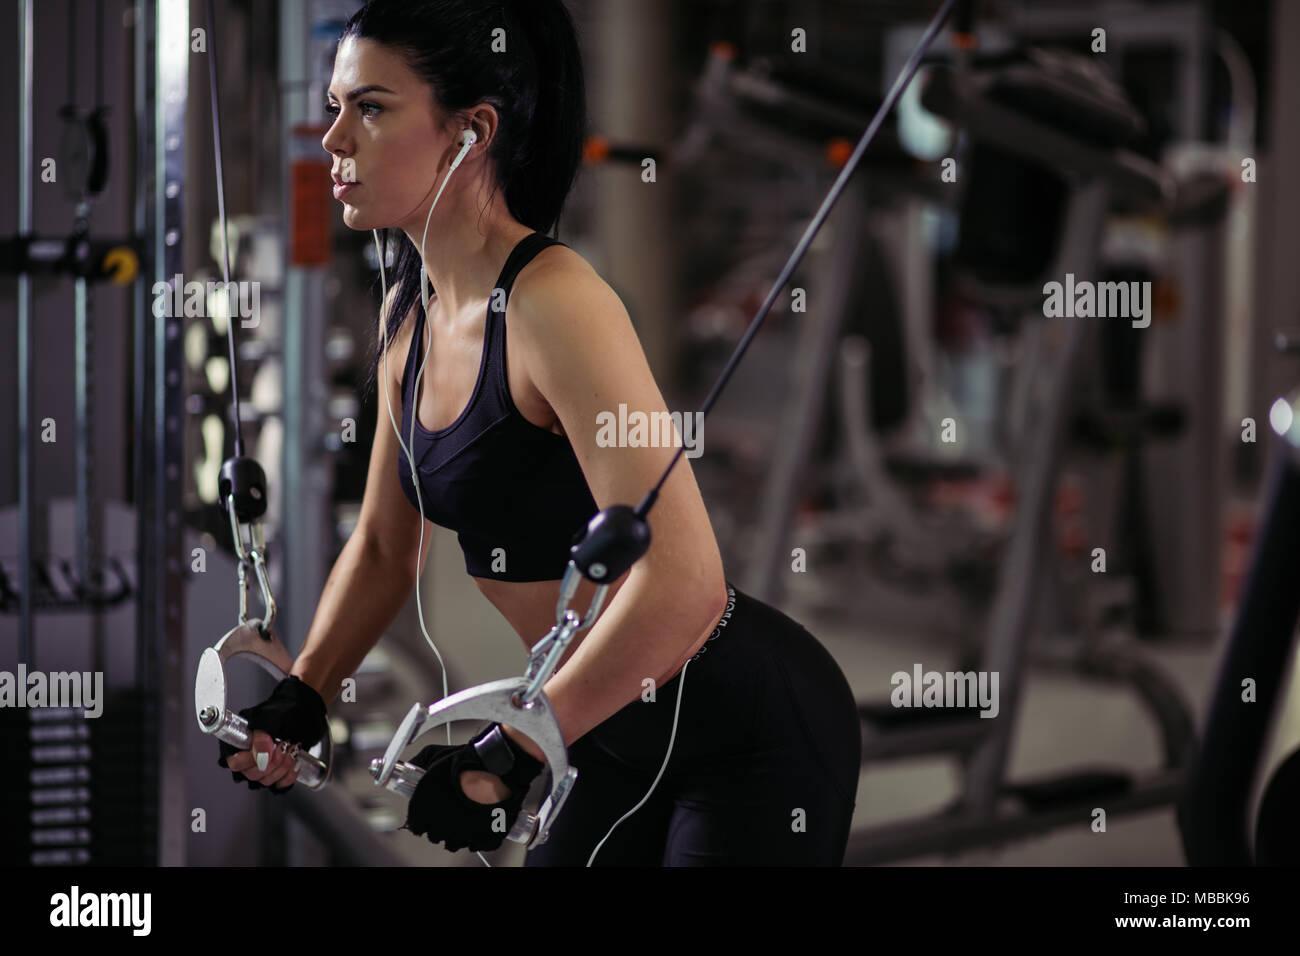 Colocar mujer ejecutar el ejercicio con máquina de ejercicio en el gimnasio Crossover Cable Imagen De Stock